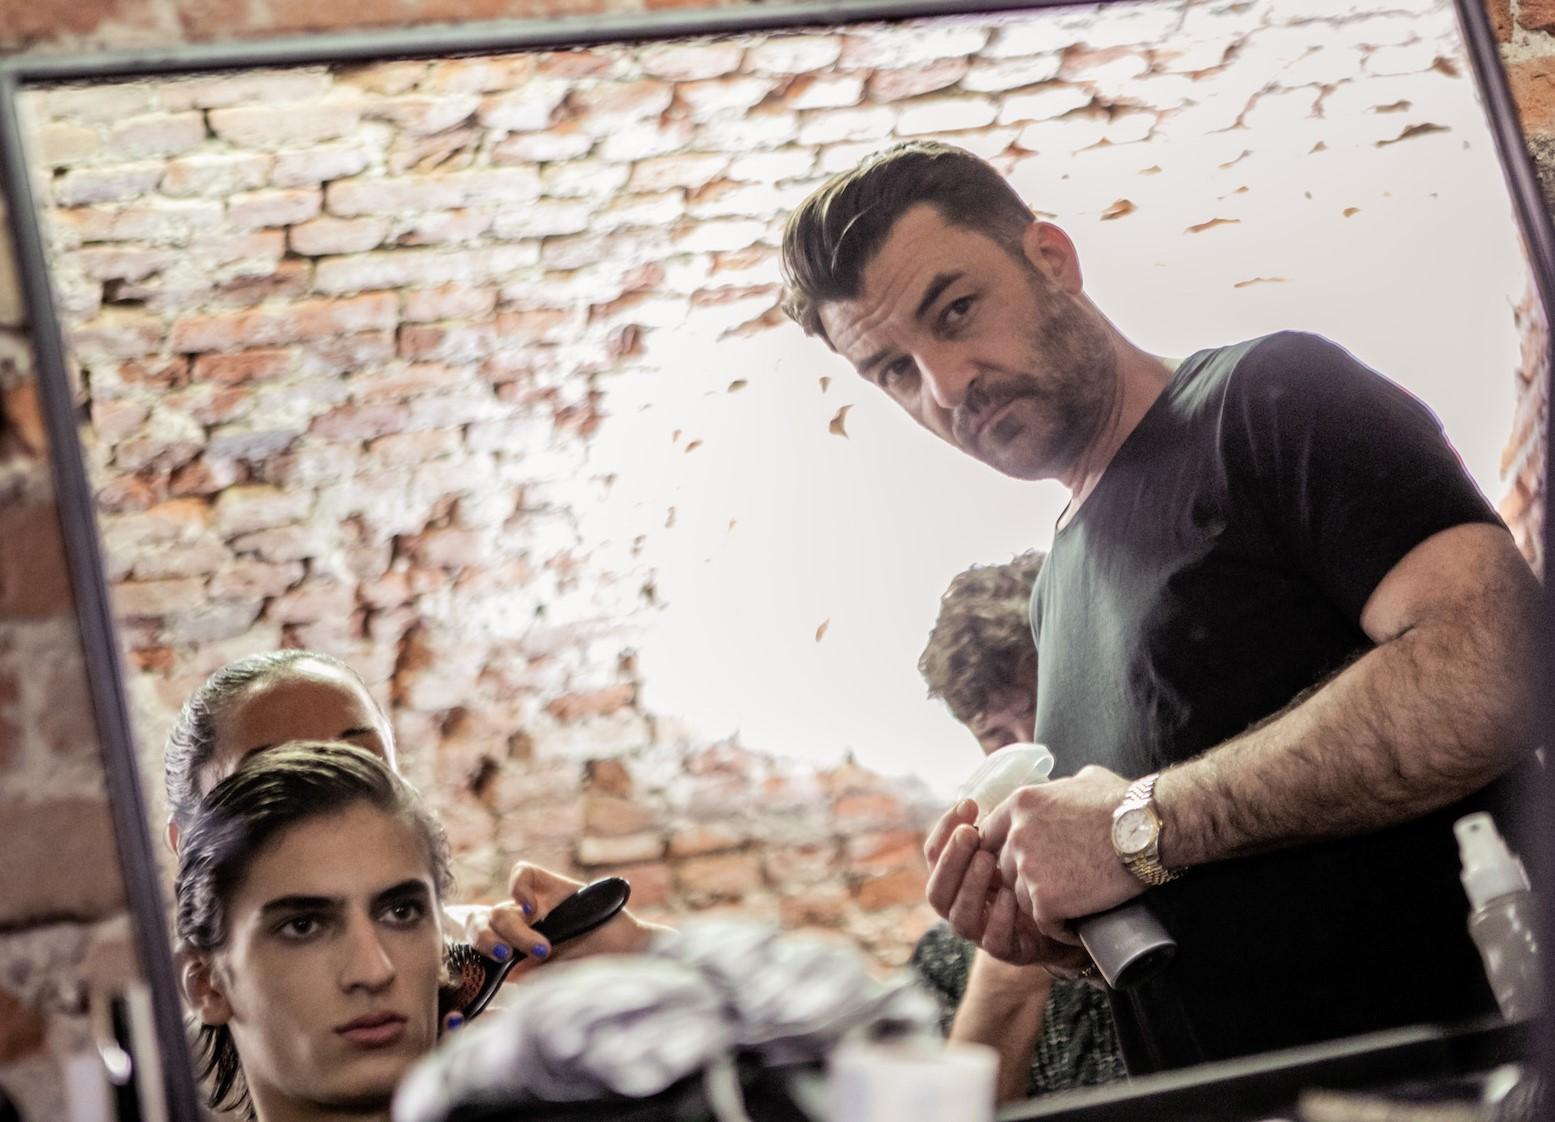 Settimana della moda a Milano, due appuntamenti per l'hairstylist Toni Pellegrino